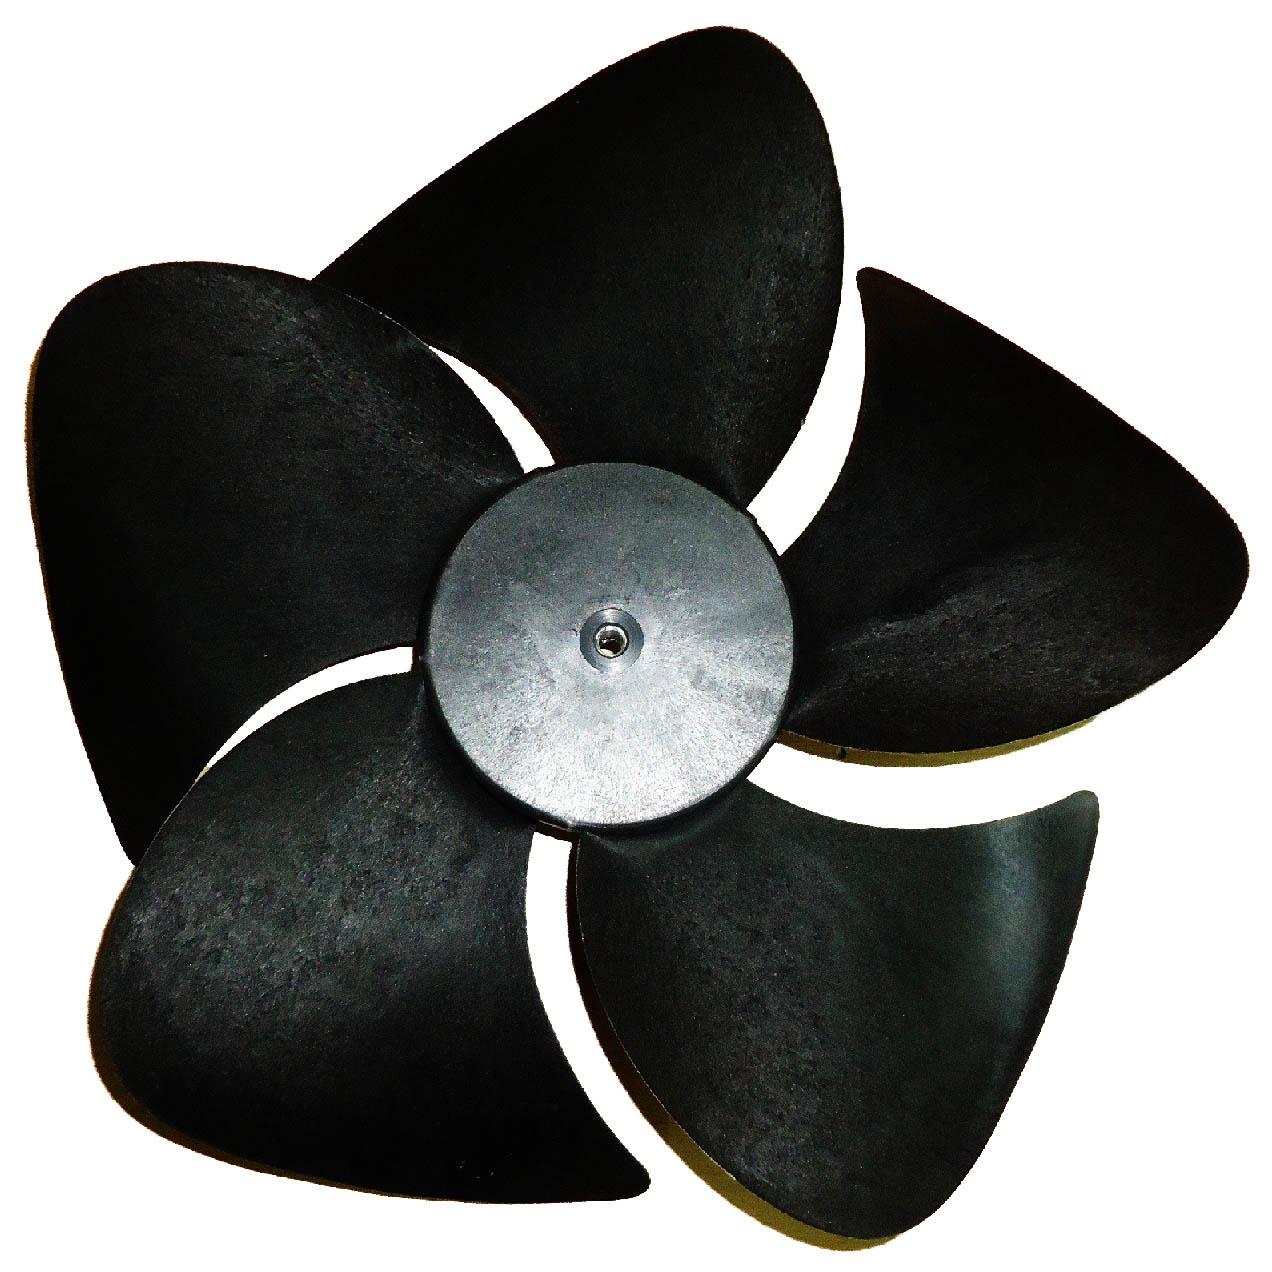 Πλαστικά Φτερά για τα Εξωτερικά Μηχανήματα